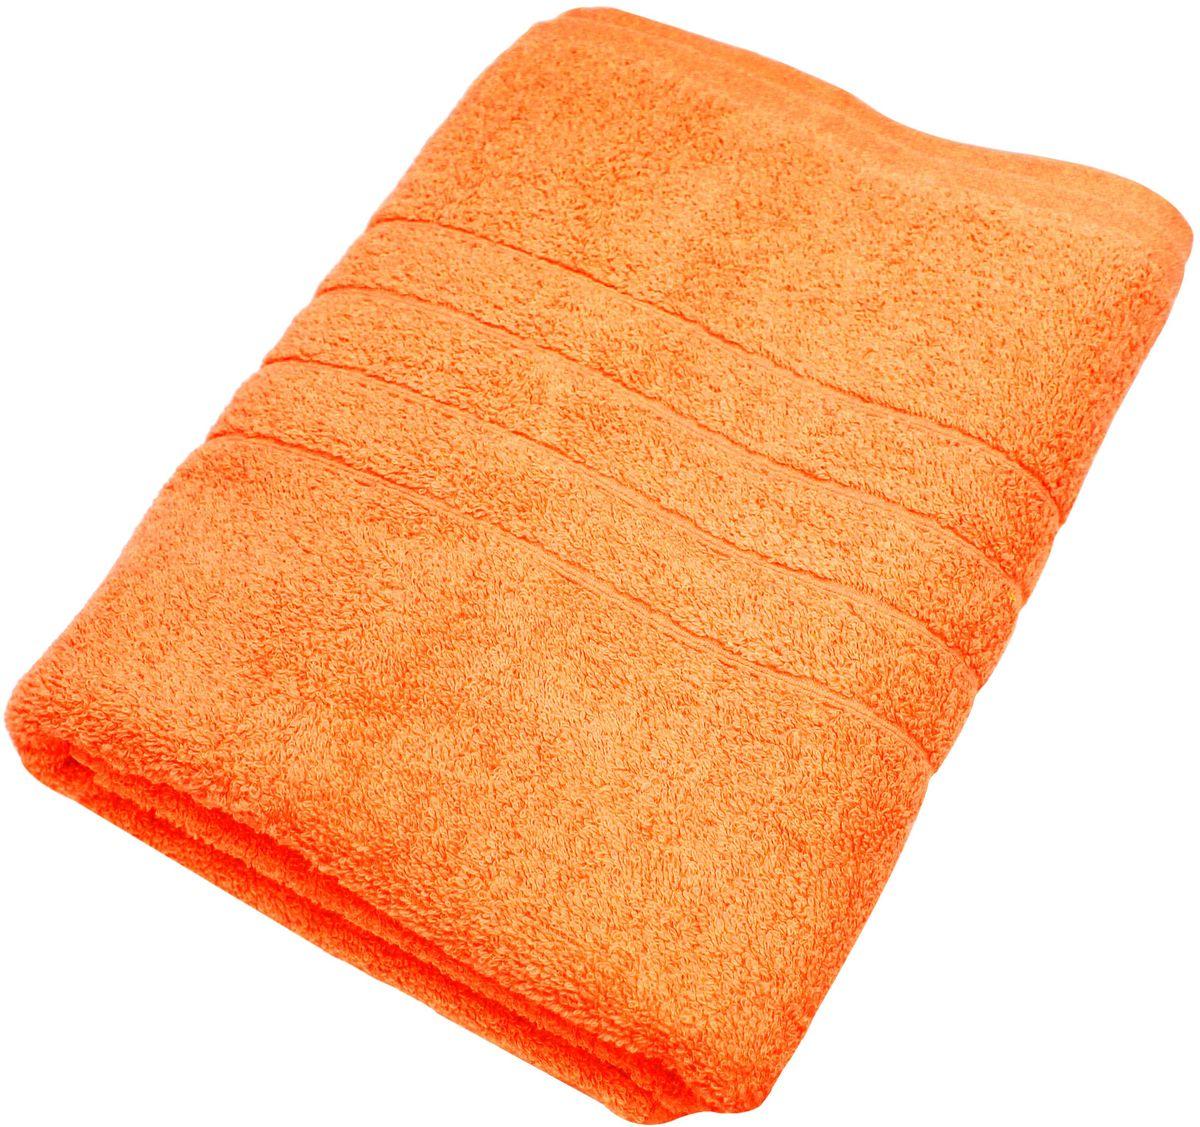 Полотенце Proffi Home Модерн, цвет: оранжевый, 70 x 140 см97775318Мягкое махровое полотенцеProffi Home Модерн отлично впитывает влагу и быстро сохнет, приятно в него завернуться после принятия ванны или посещения сауны. Поэтому данное махровое полотенце можно использовать в качестве душевого, банного или пляжного полотенца. Состав: 100% хлопок.